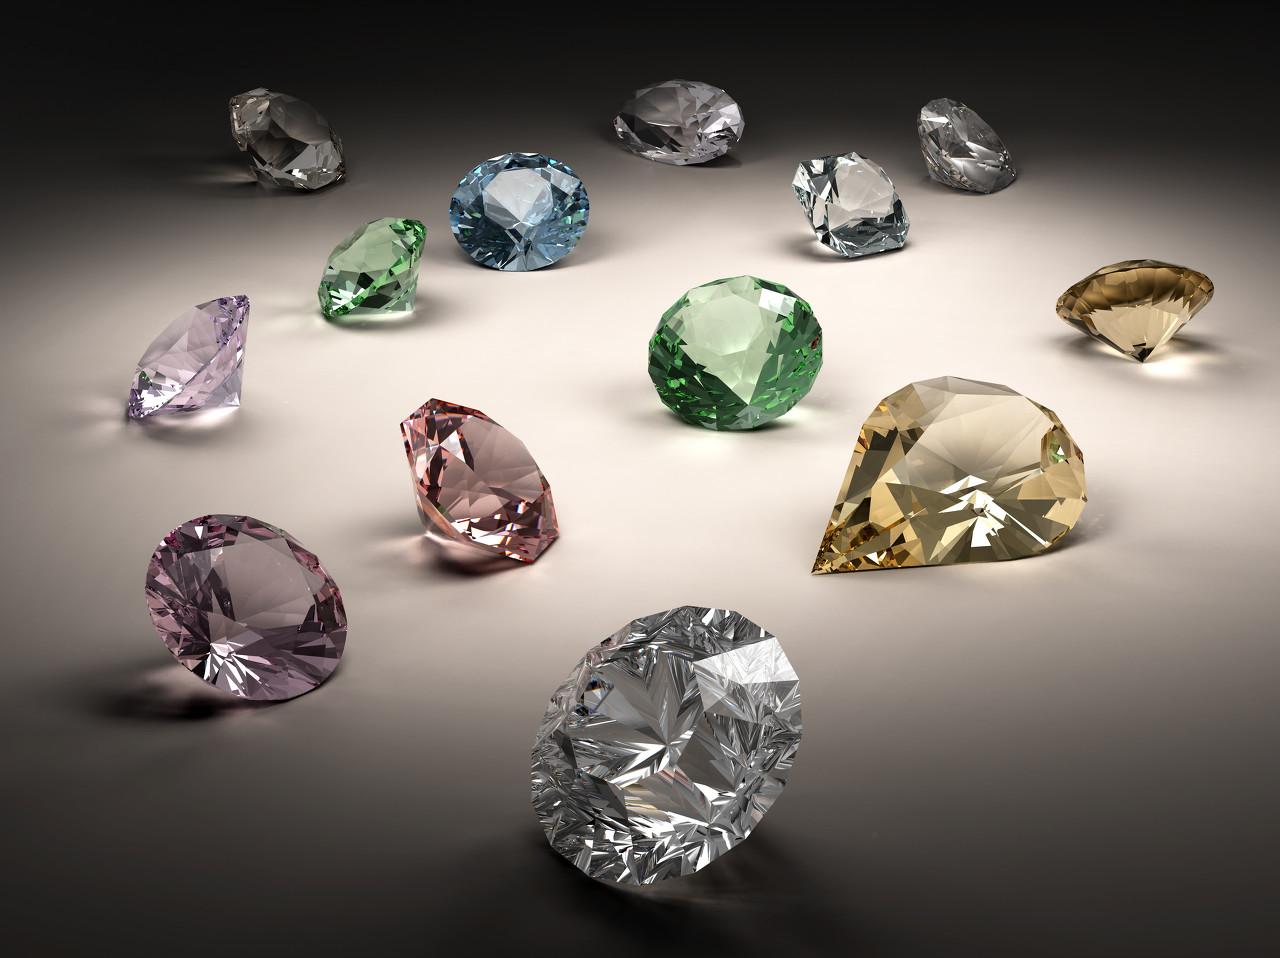 部分钻石原石价格将被提高